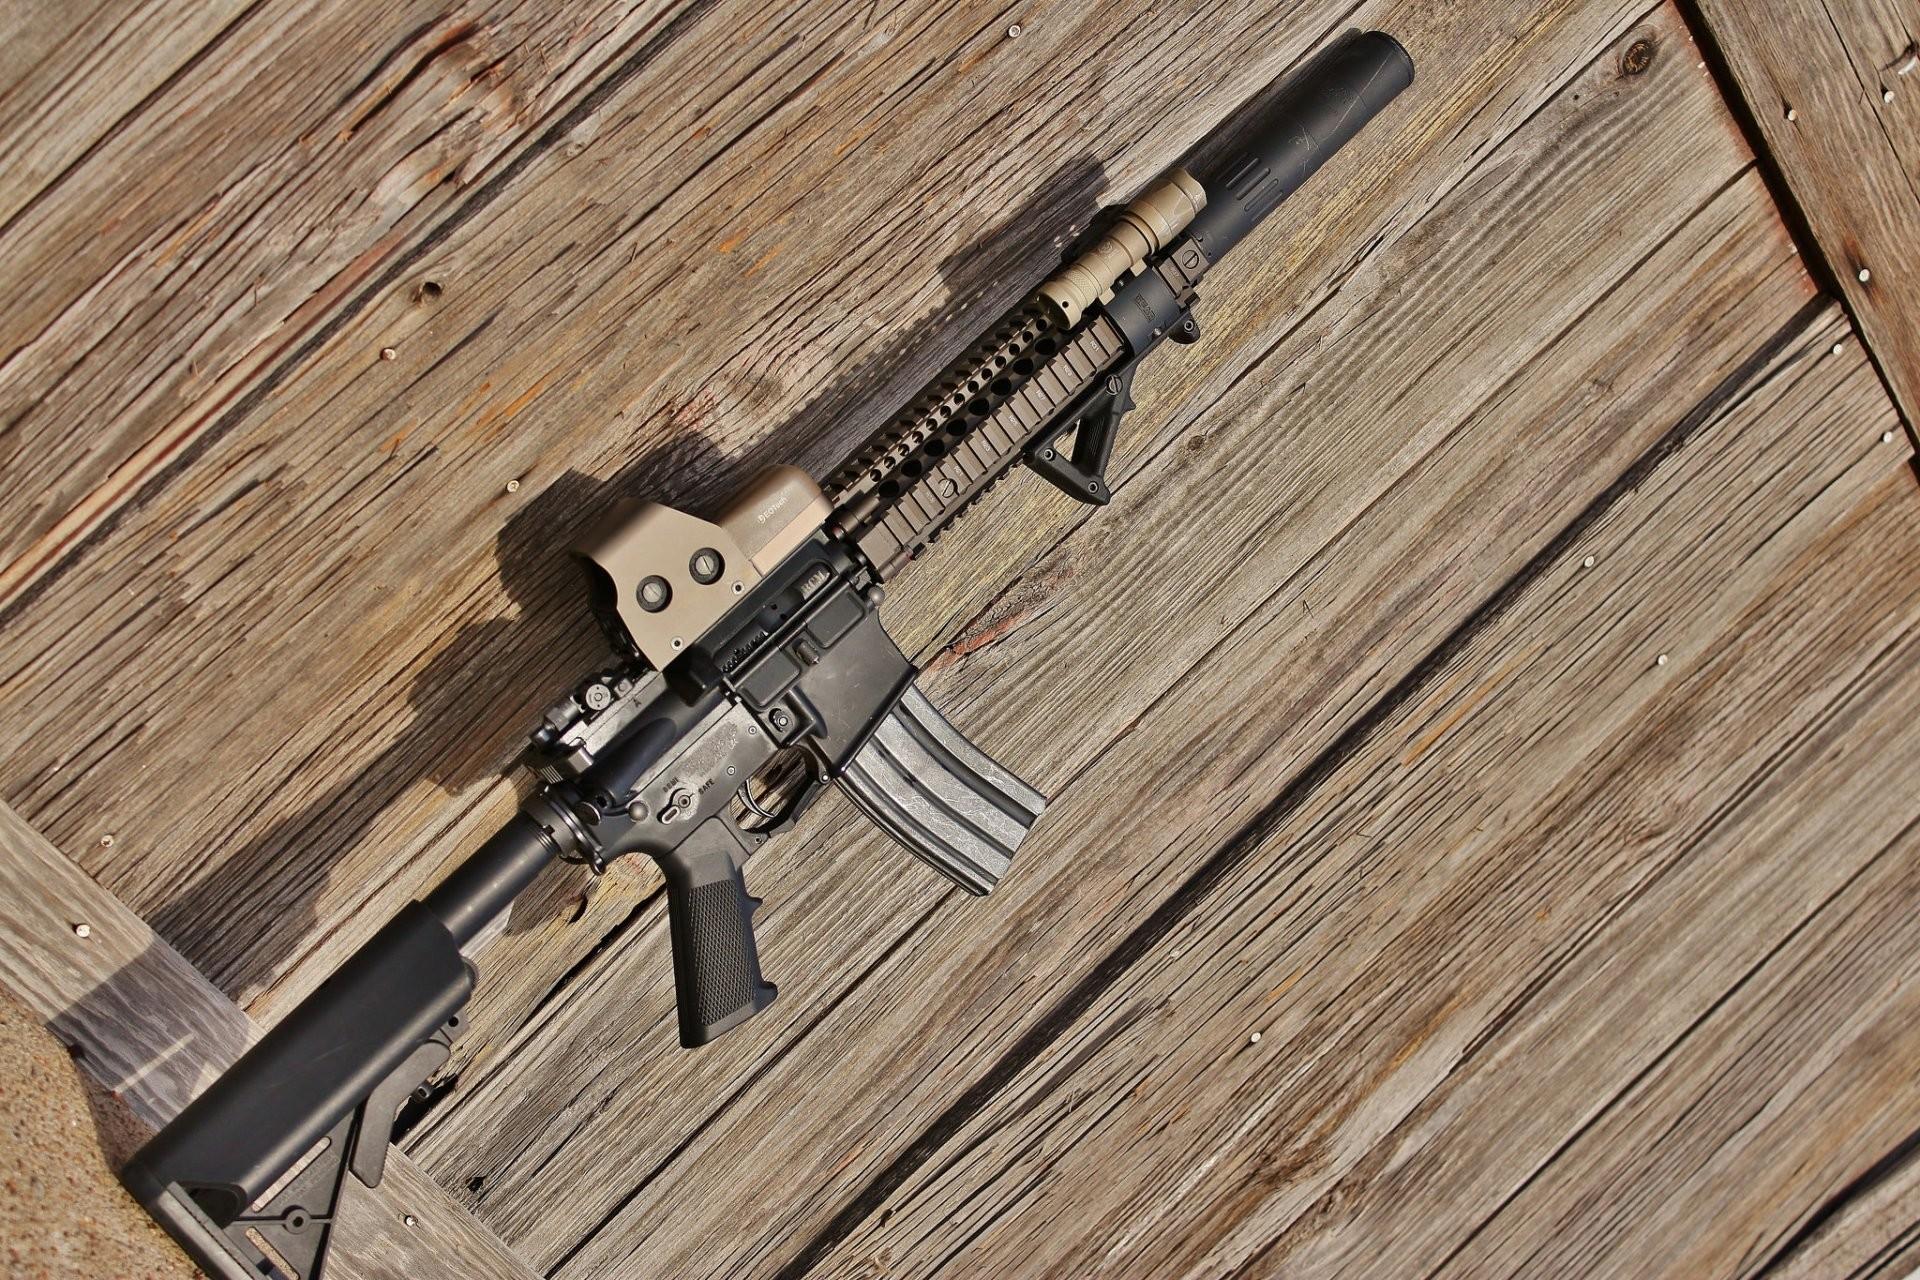 ar-15 bcm assault rifle assault rifle weapon